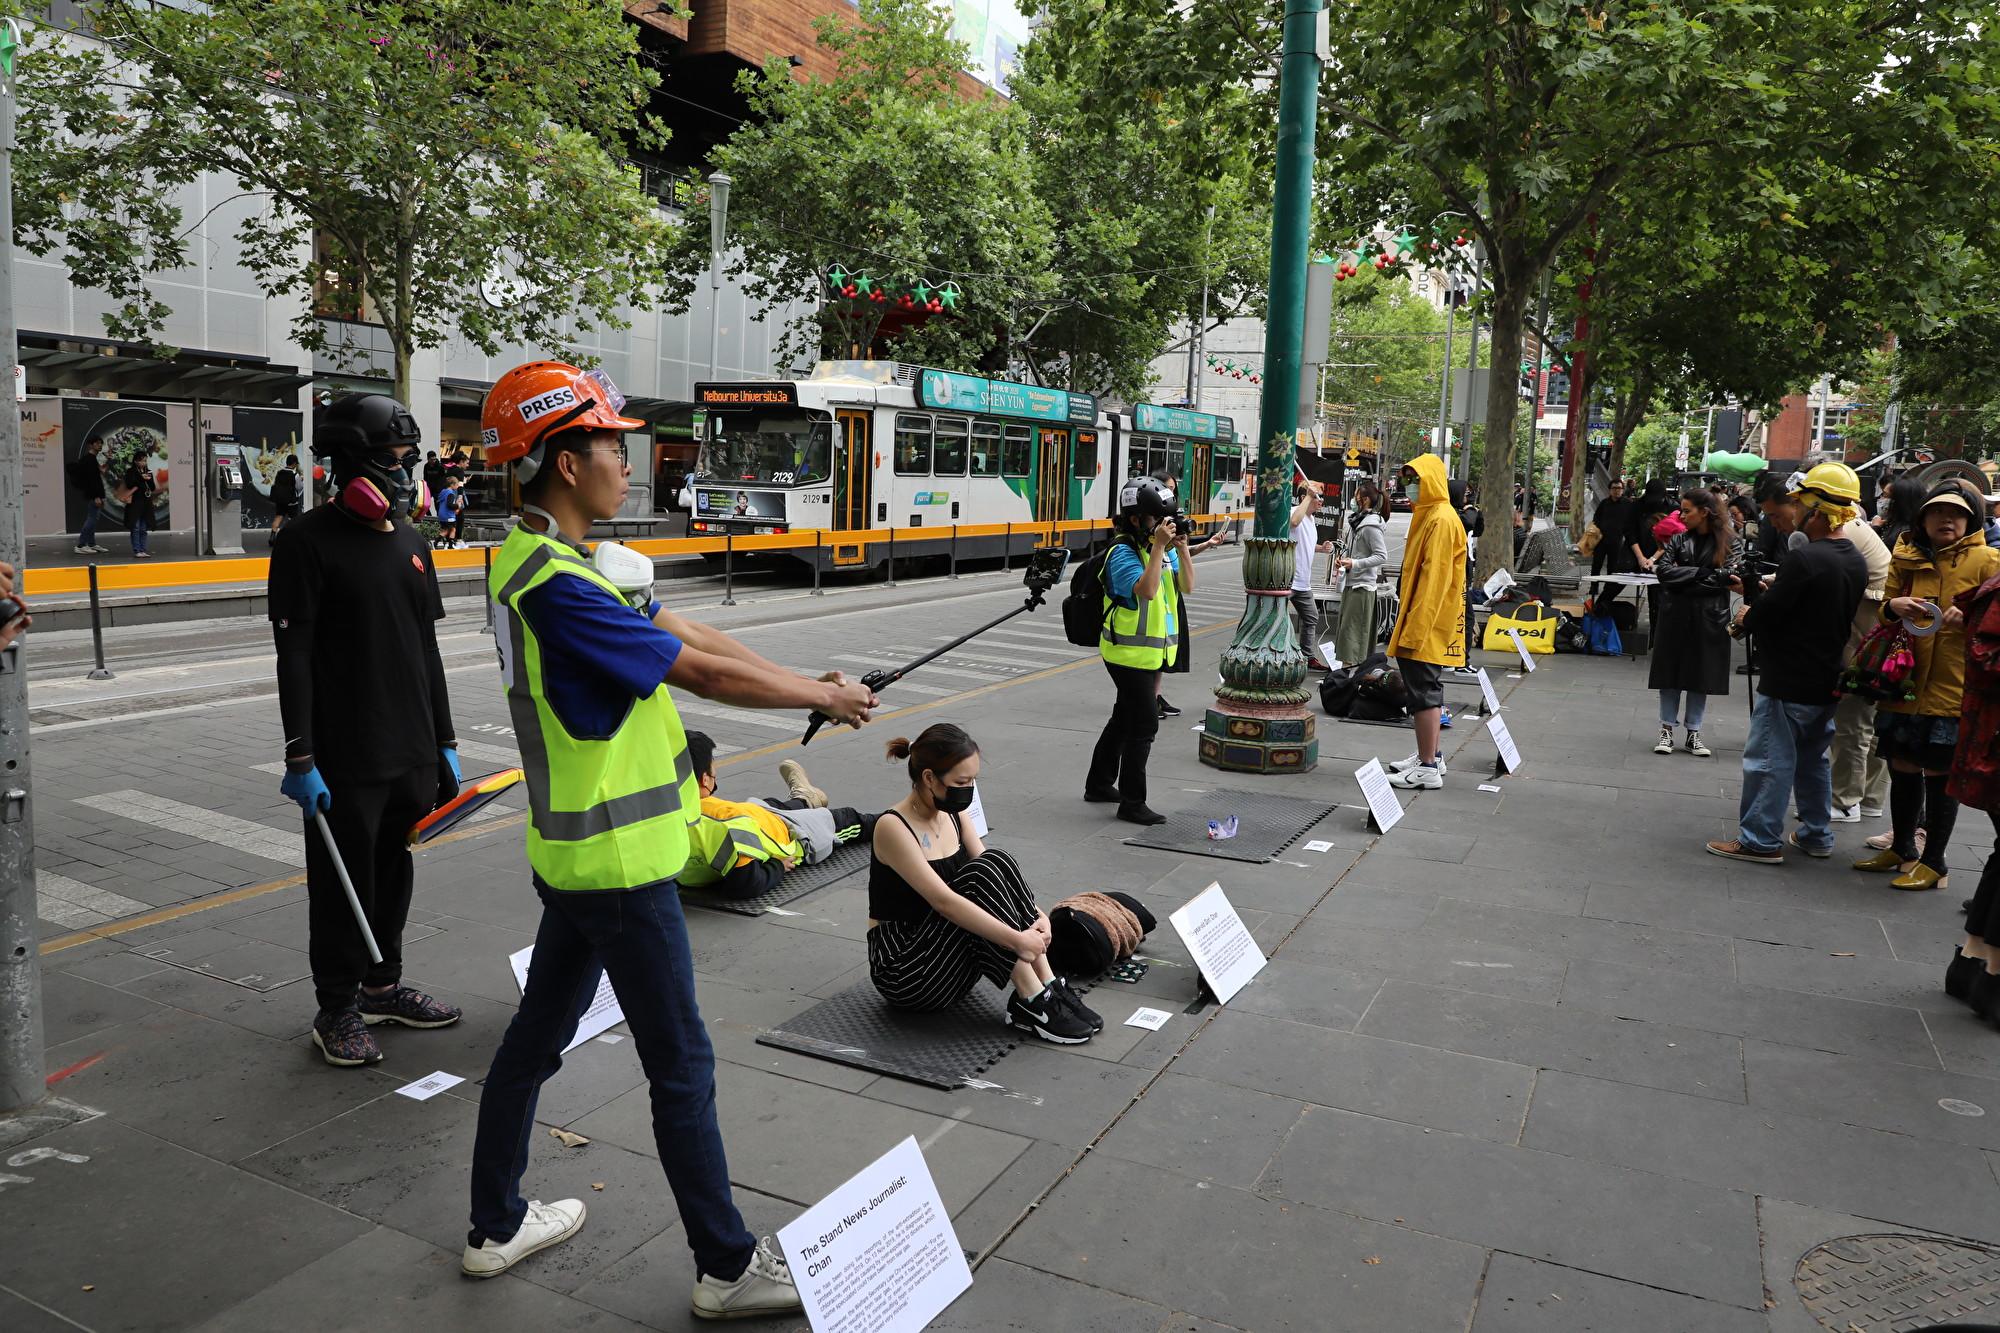 揭港警暴行 澳墨爾本街頭現真人展